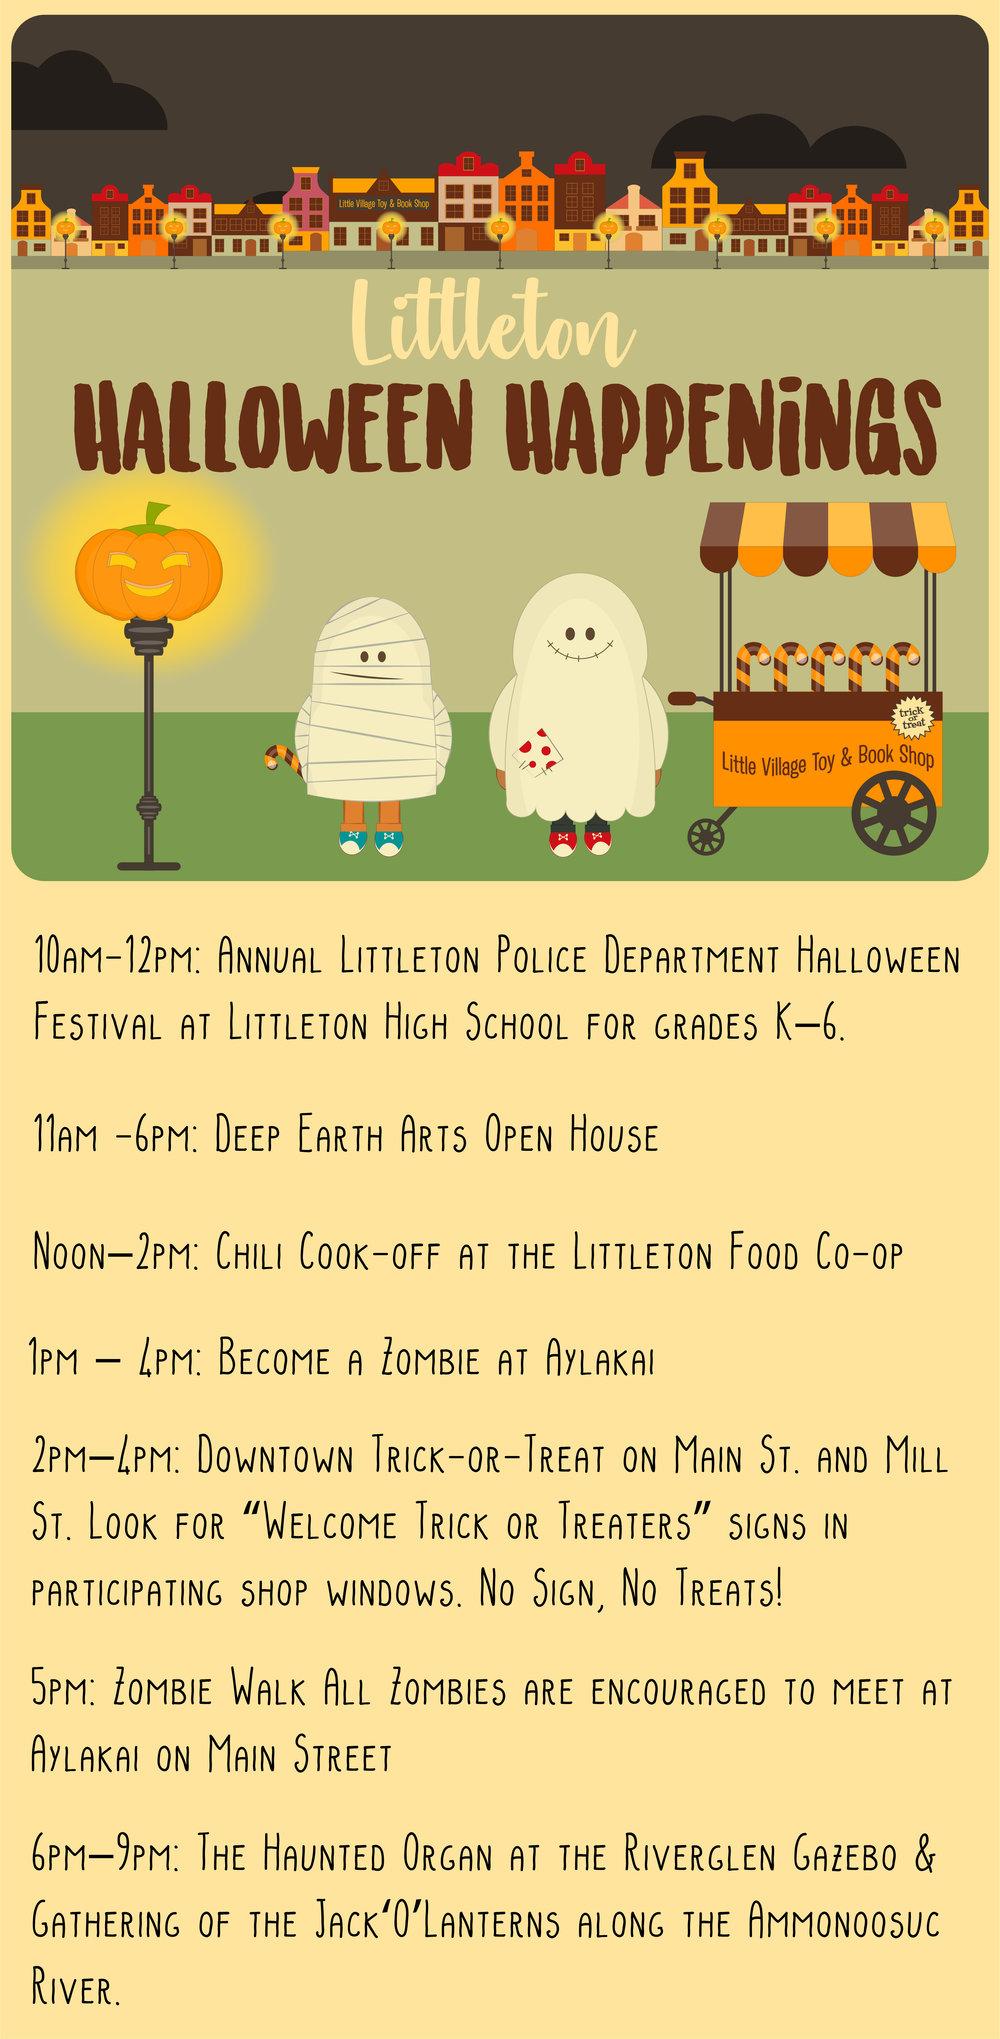 littleton halloween happenings.jpg